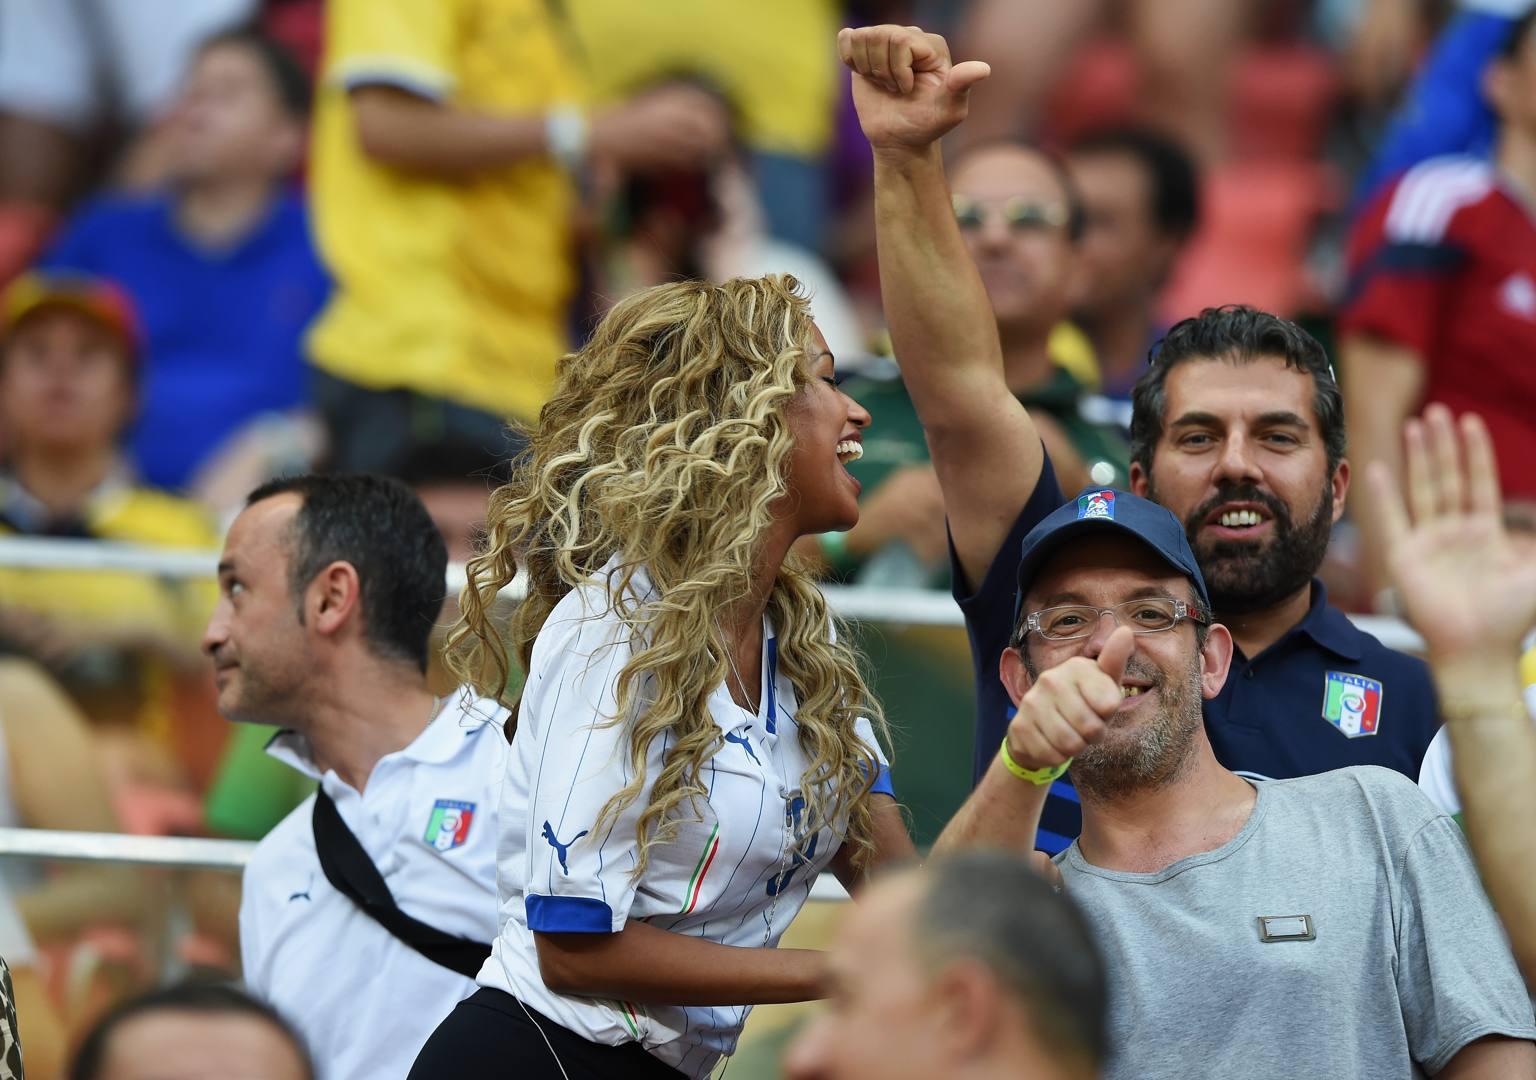 Italia inghilterra fanny porta fortuna a balo la - Foto porta fortuna ...